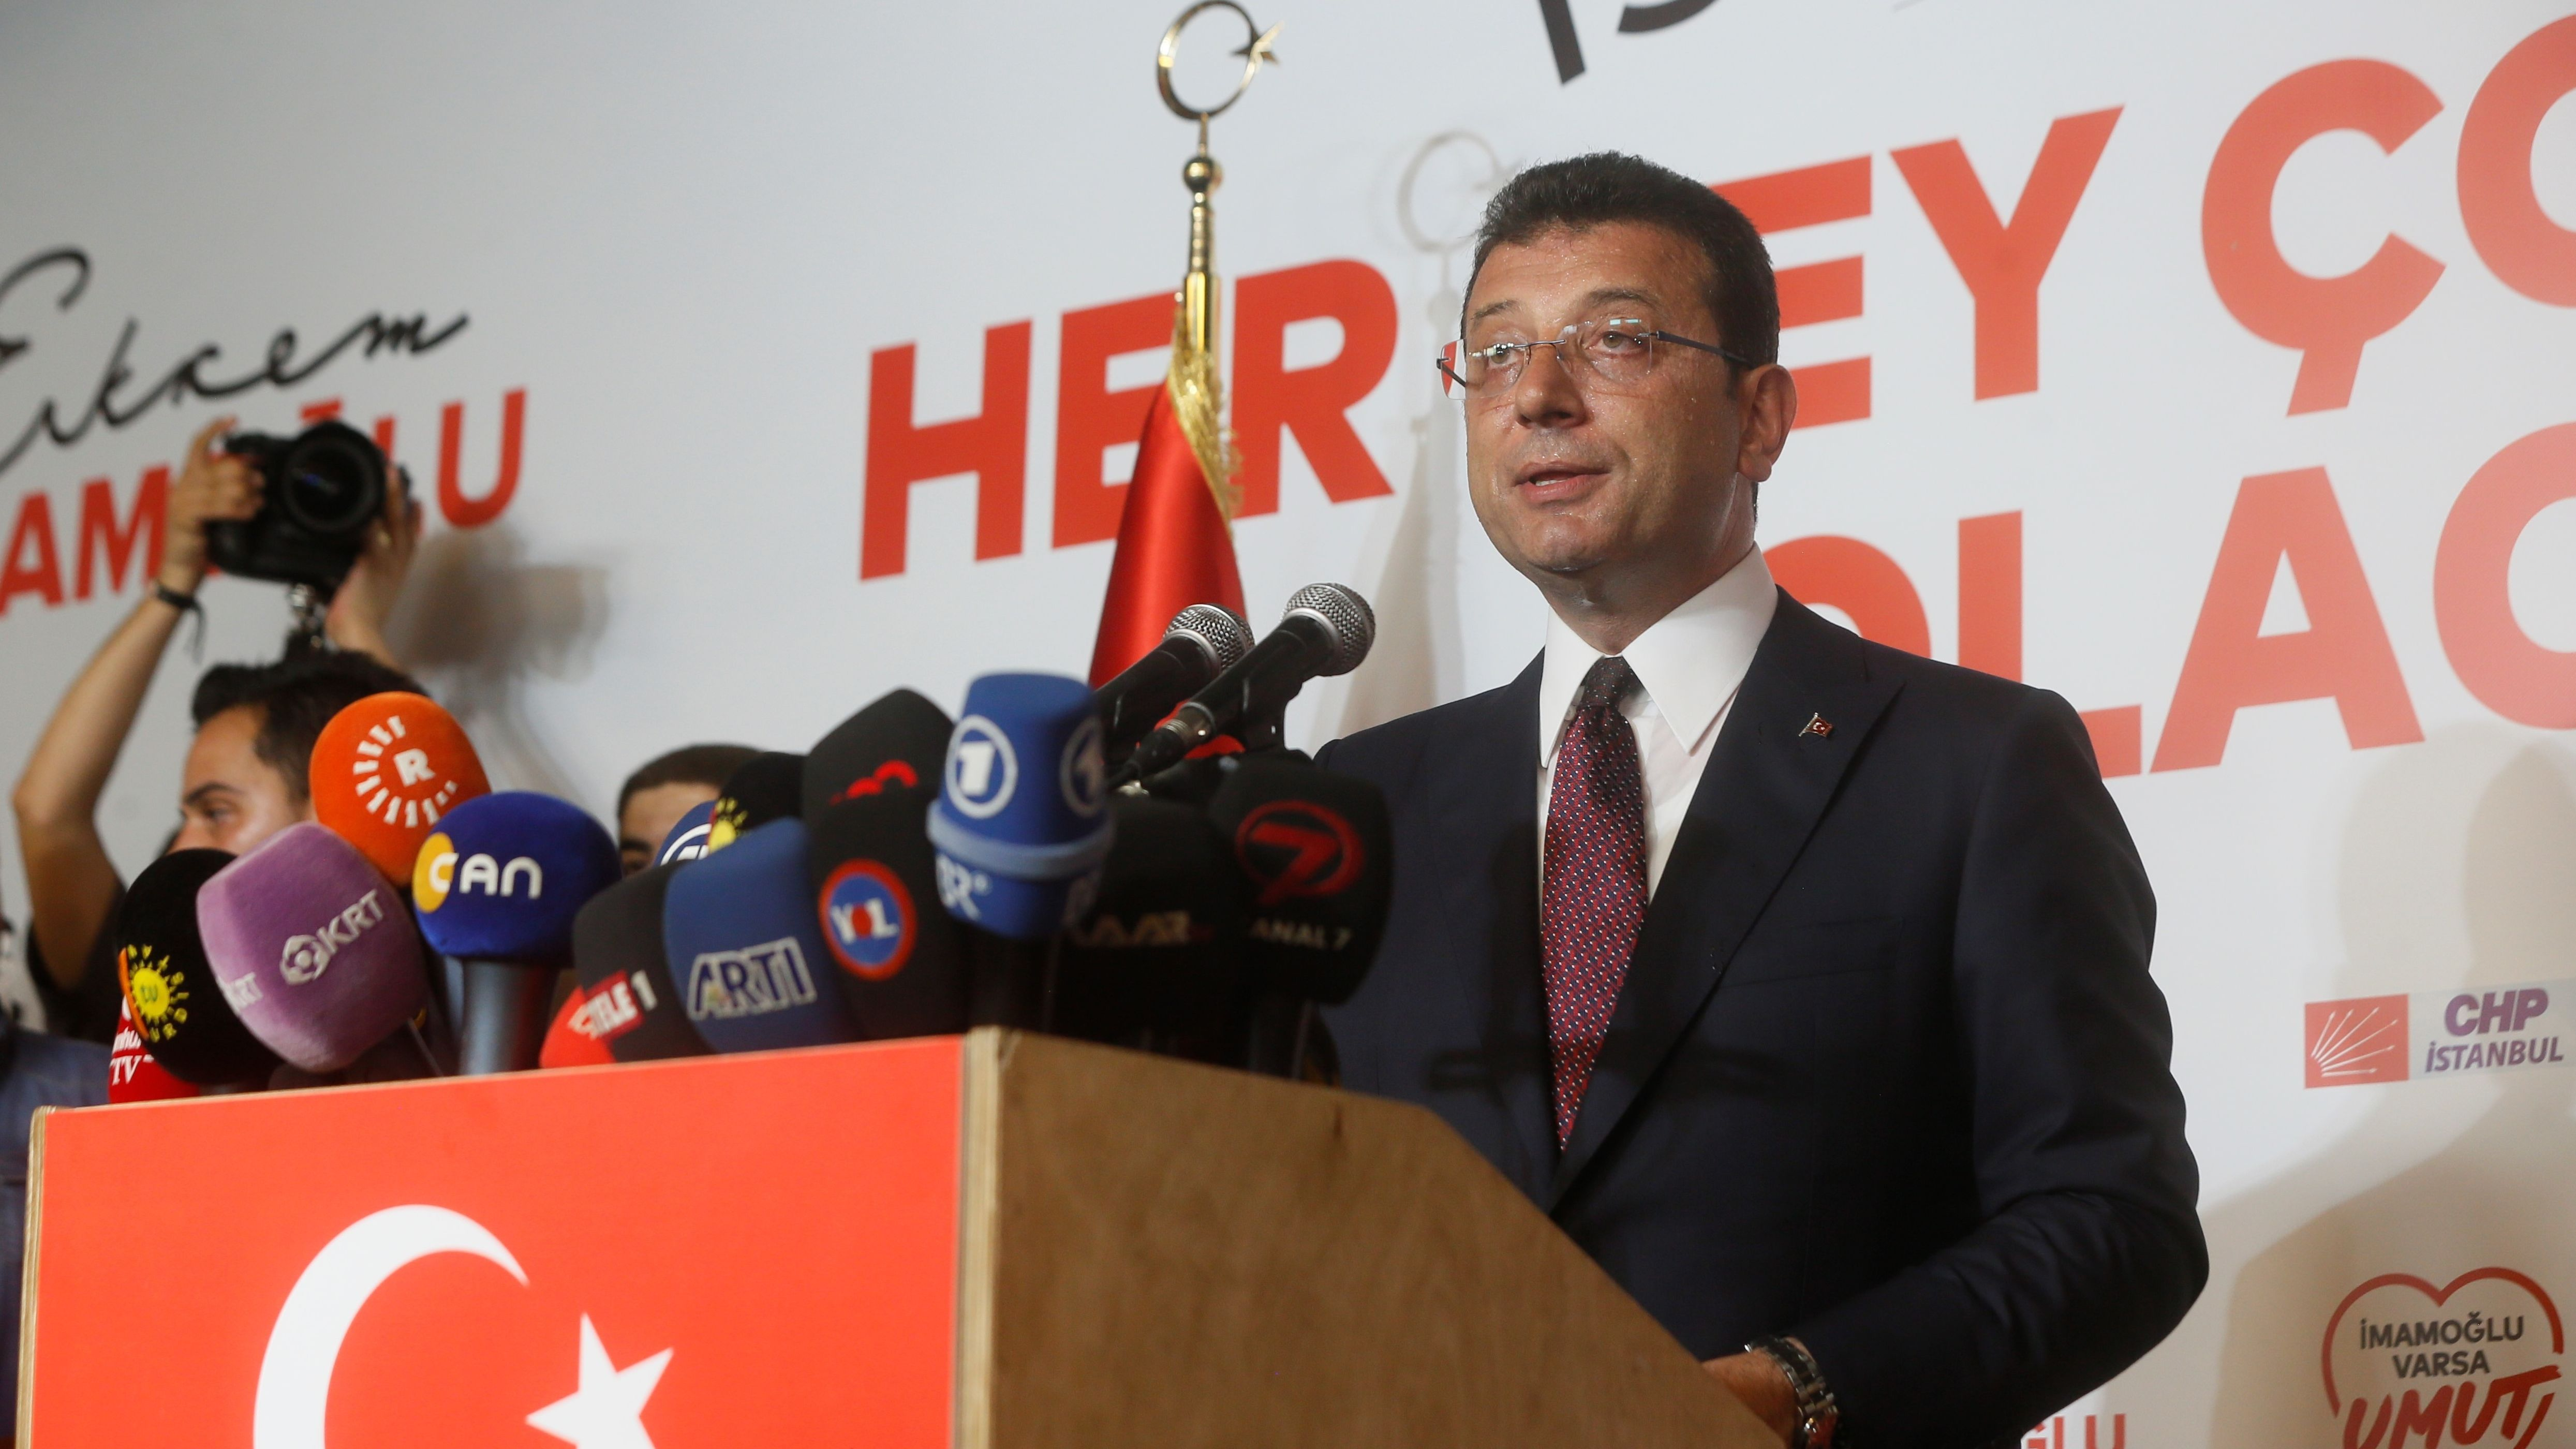 Der Oppositionskandidat Ekrem Imamoglu hat am Sonntag nach Auszählung fast aller Stimmen die Bürgermeisterwahl in Istanbul gewonnen.